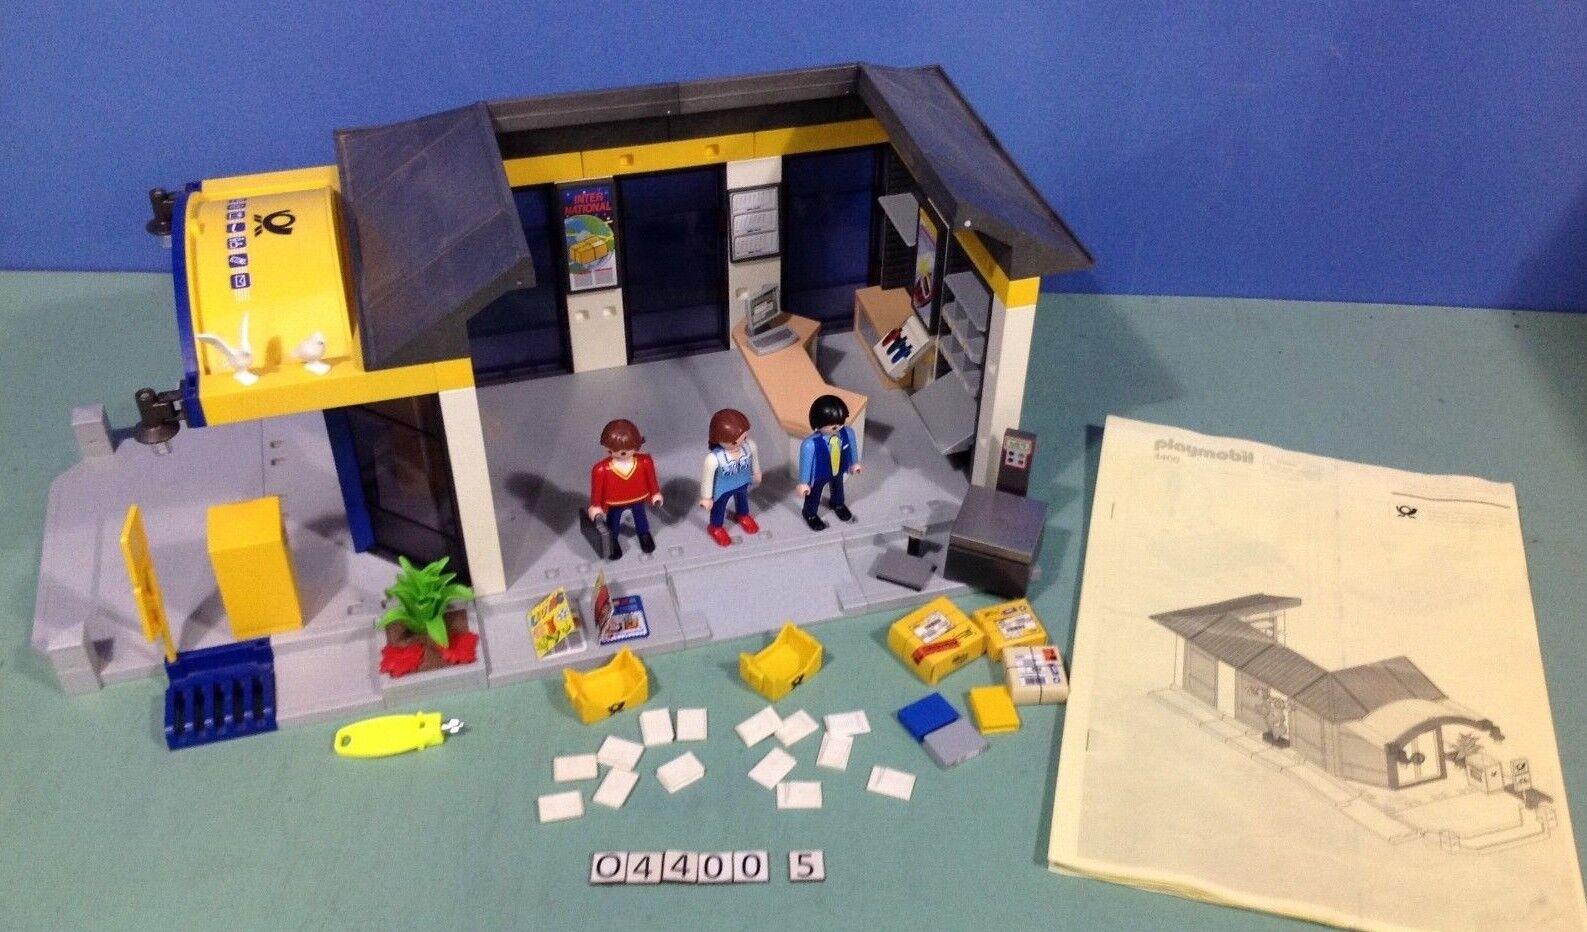 (O4400.5) playmobil bureau de poste ref 4400